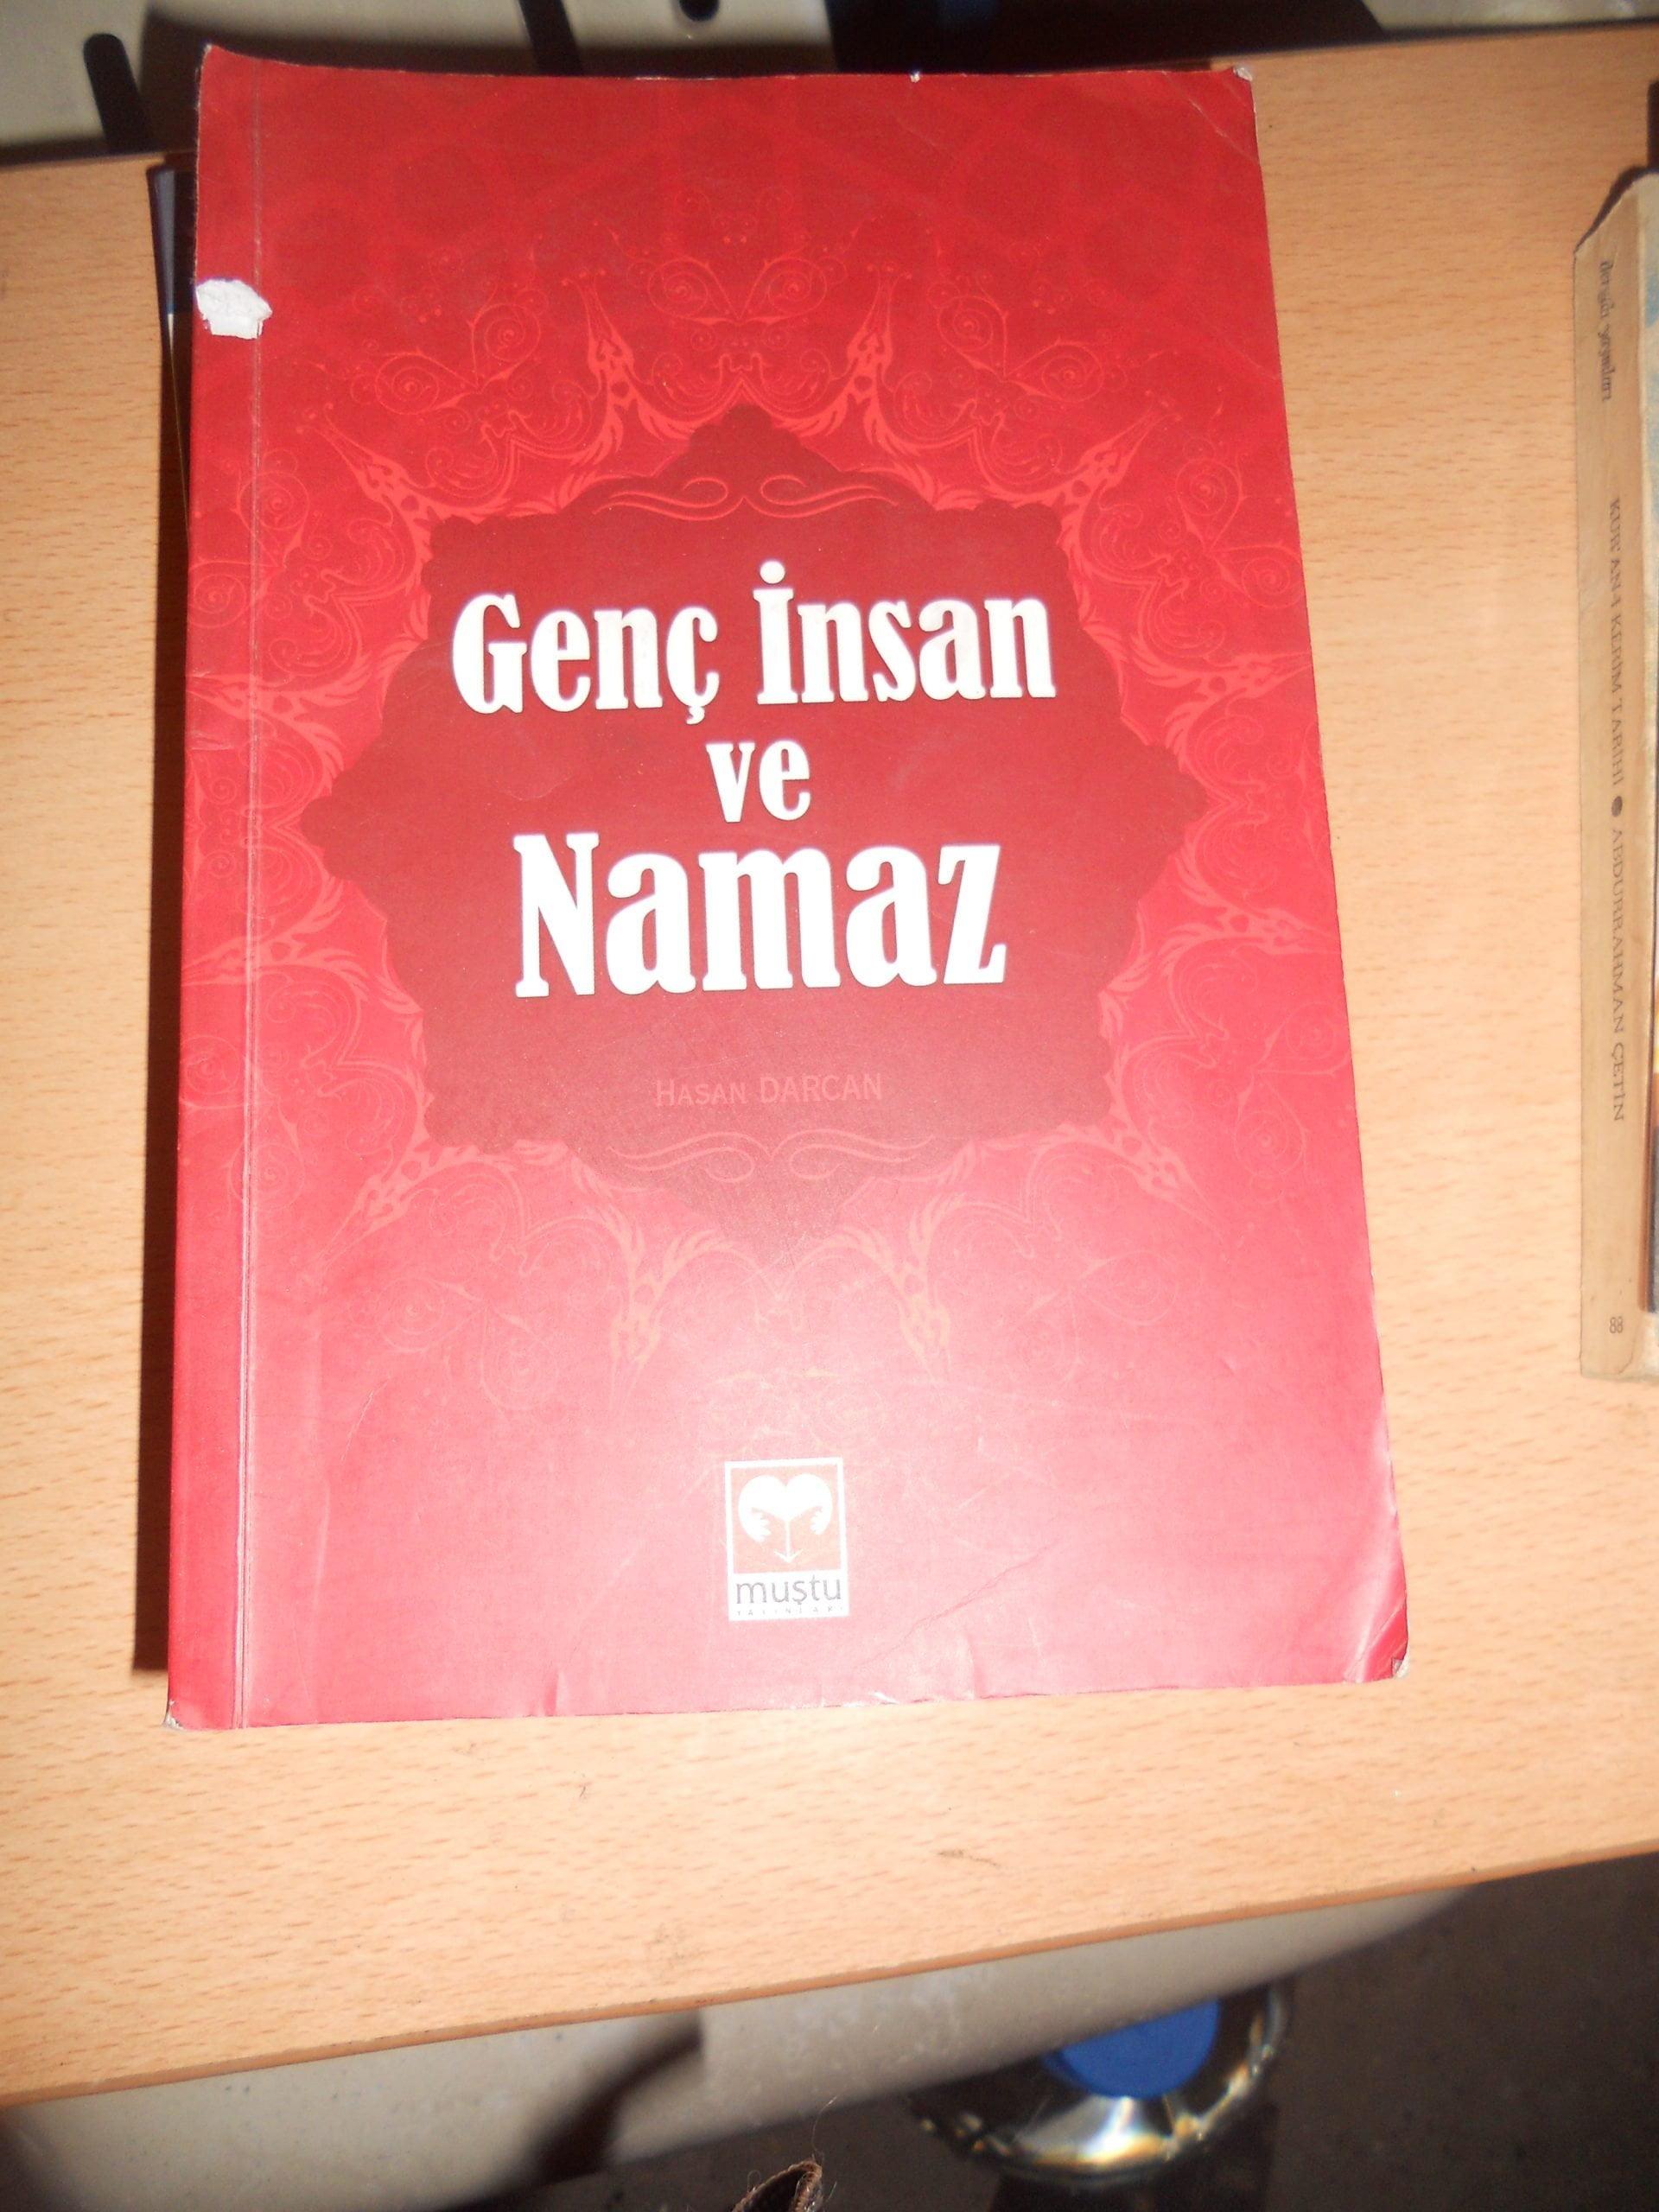 GENÇ İNSAN VE NAMAZ/Hasan DARCAN/ 10 TL